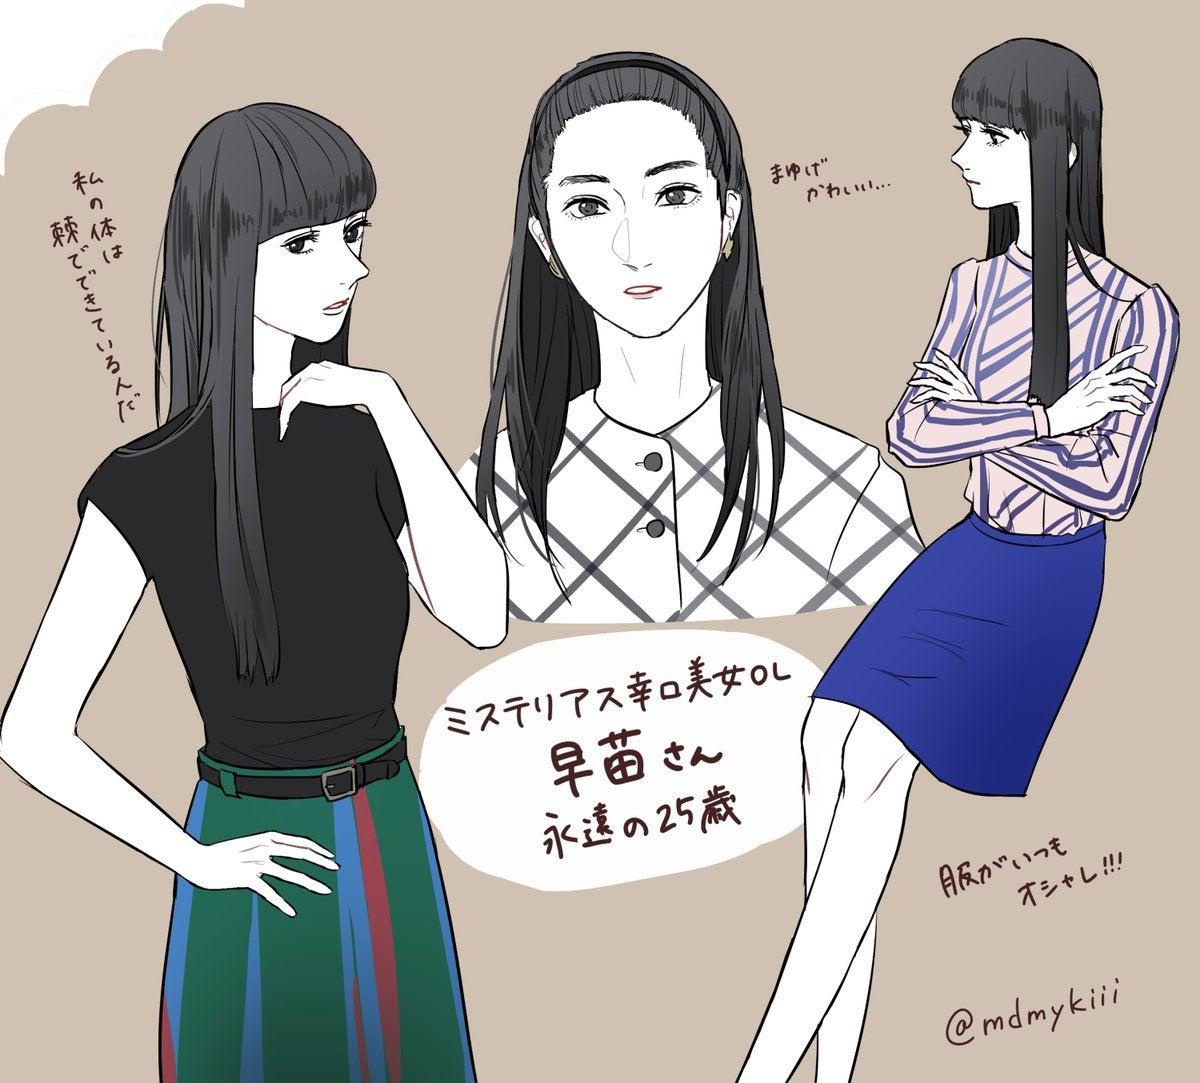 小島美羽 印象的なロングヘアが凄く似合っていたので残念な気もしますね!